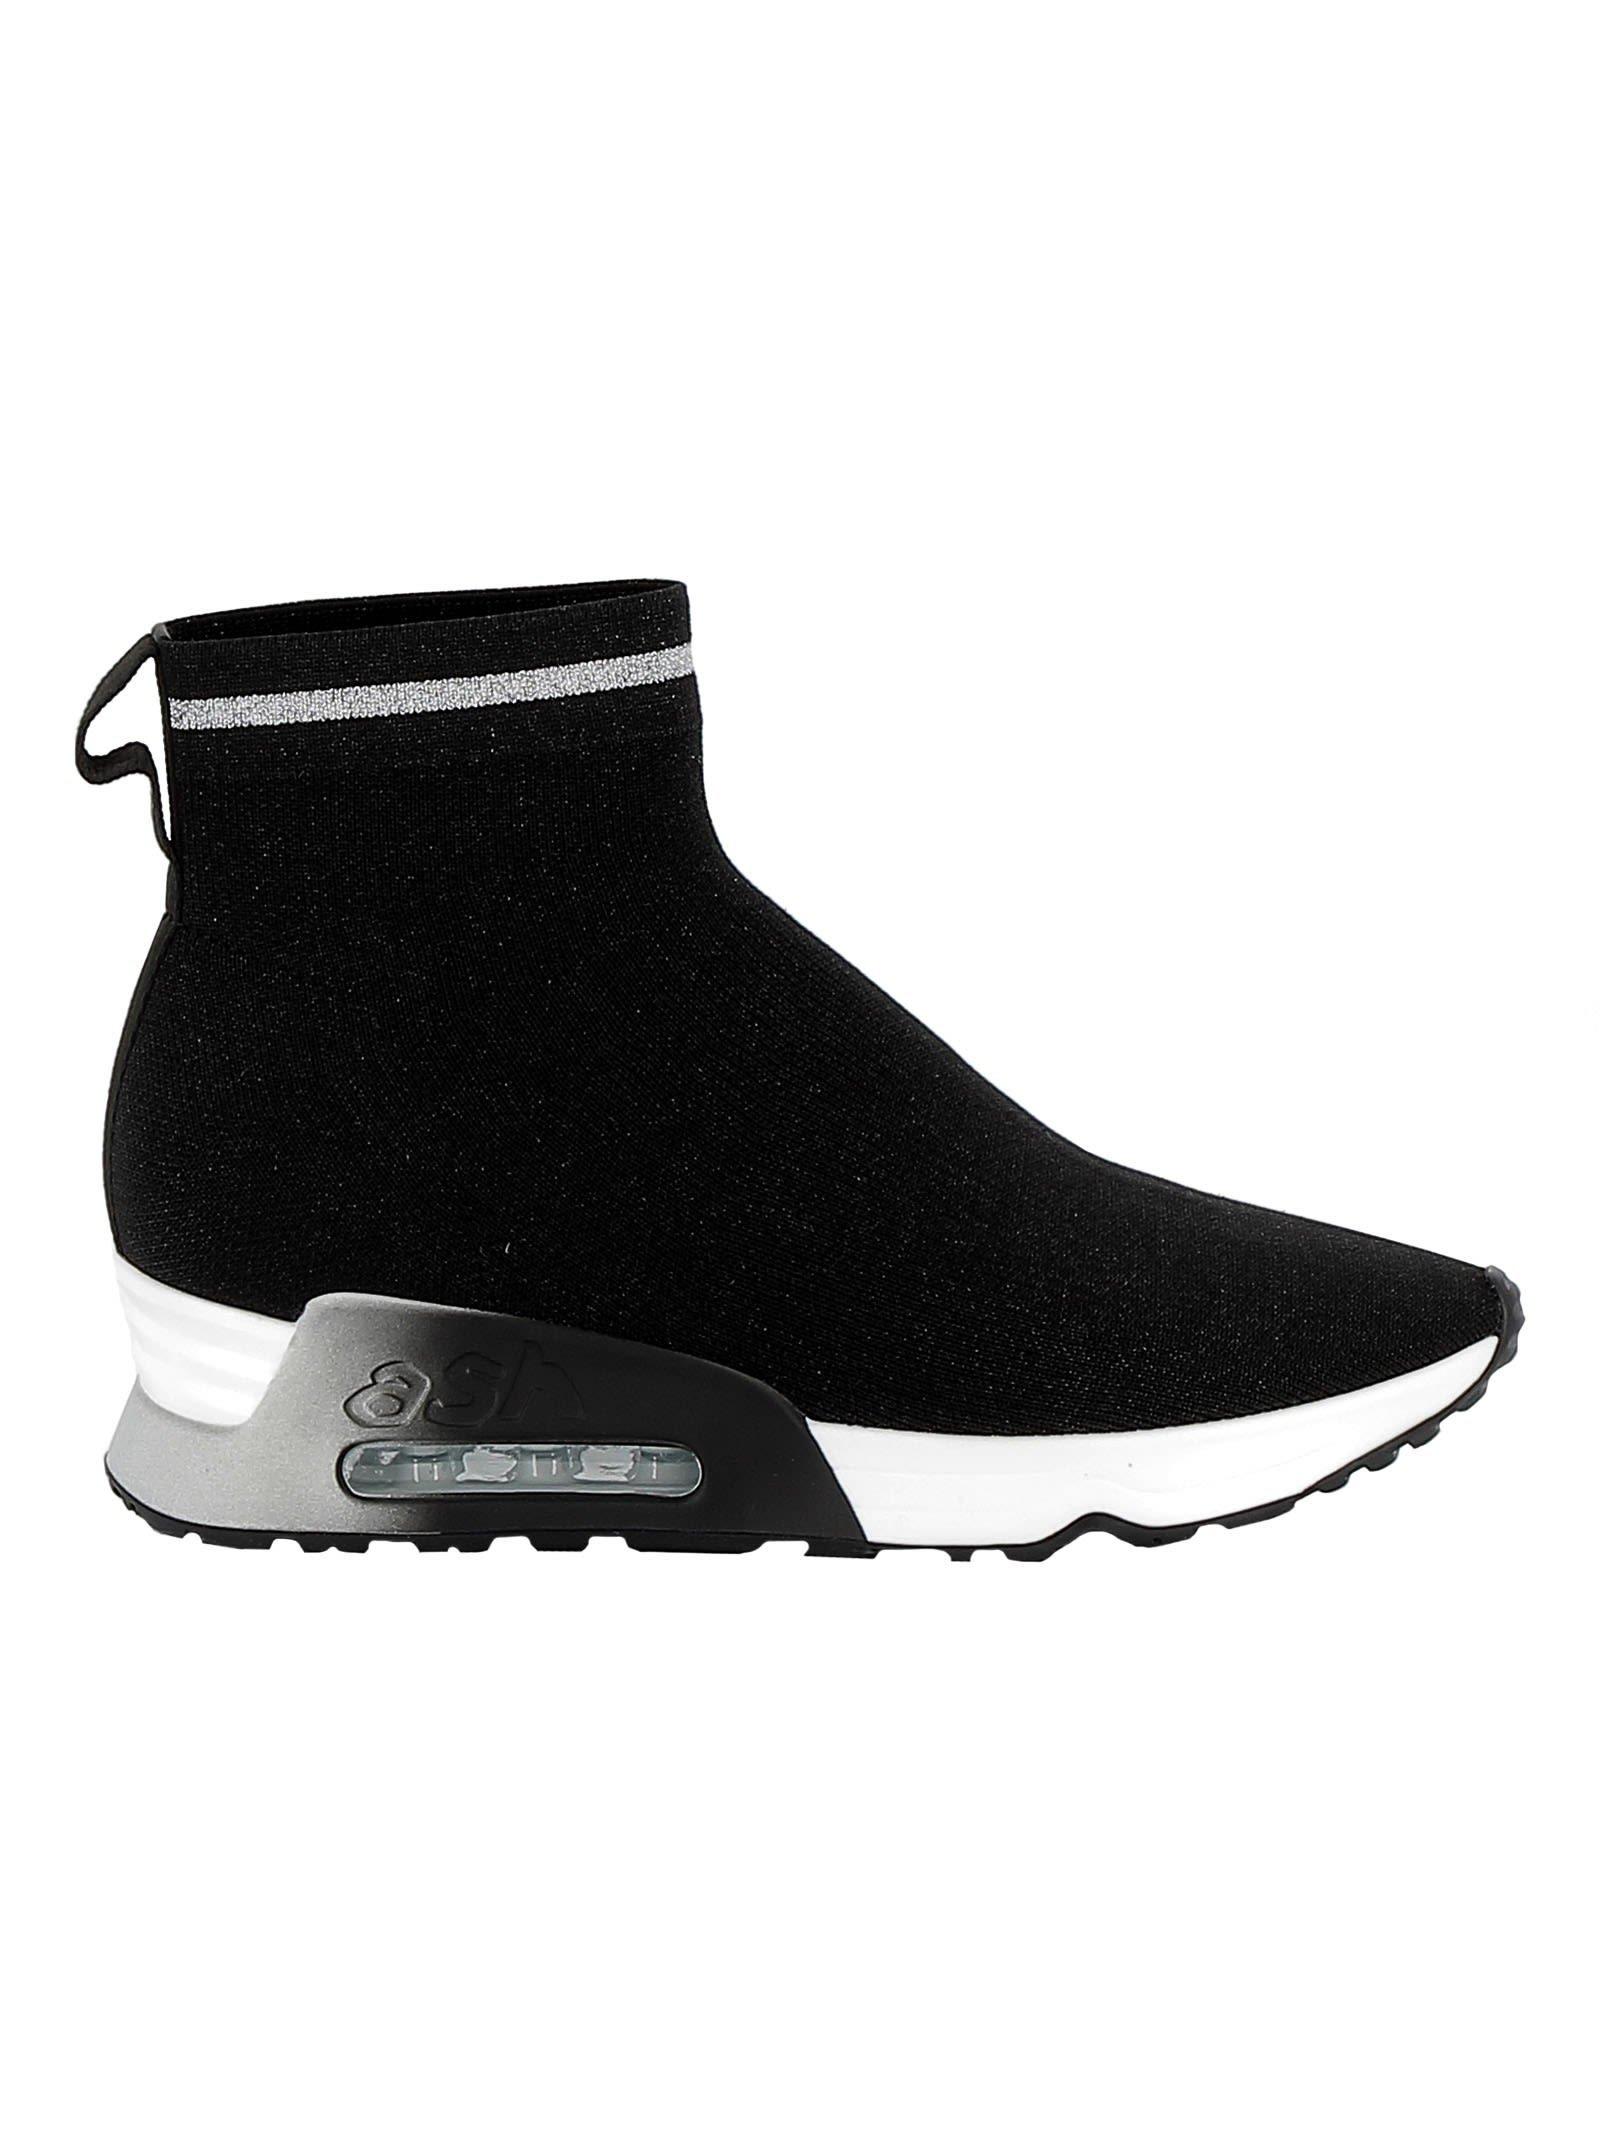 Ash Black/silver Fabric Hi Top Sneakers